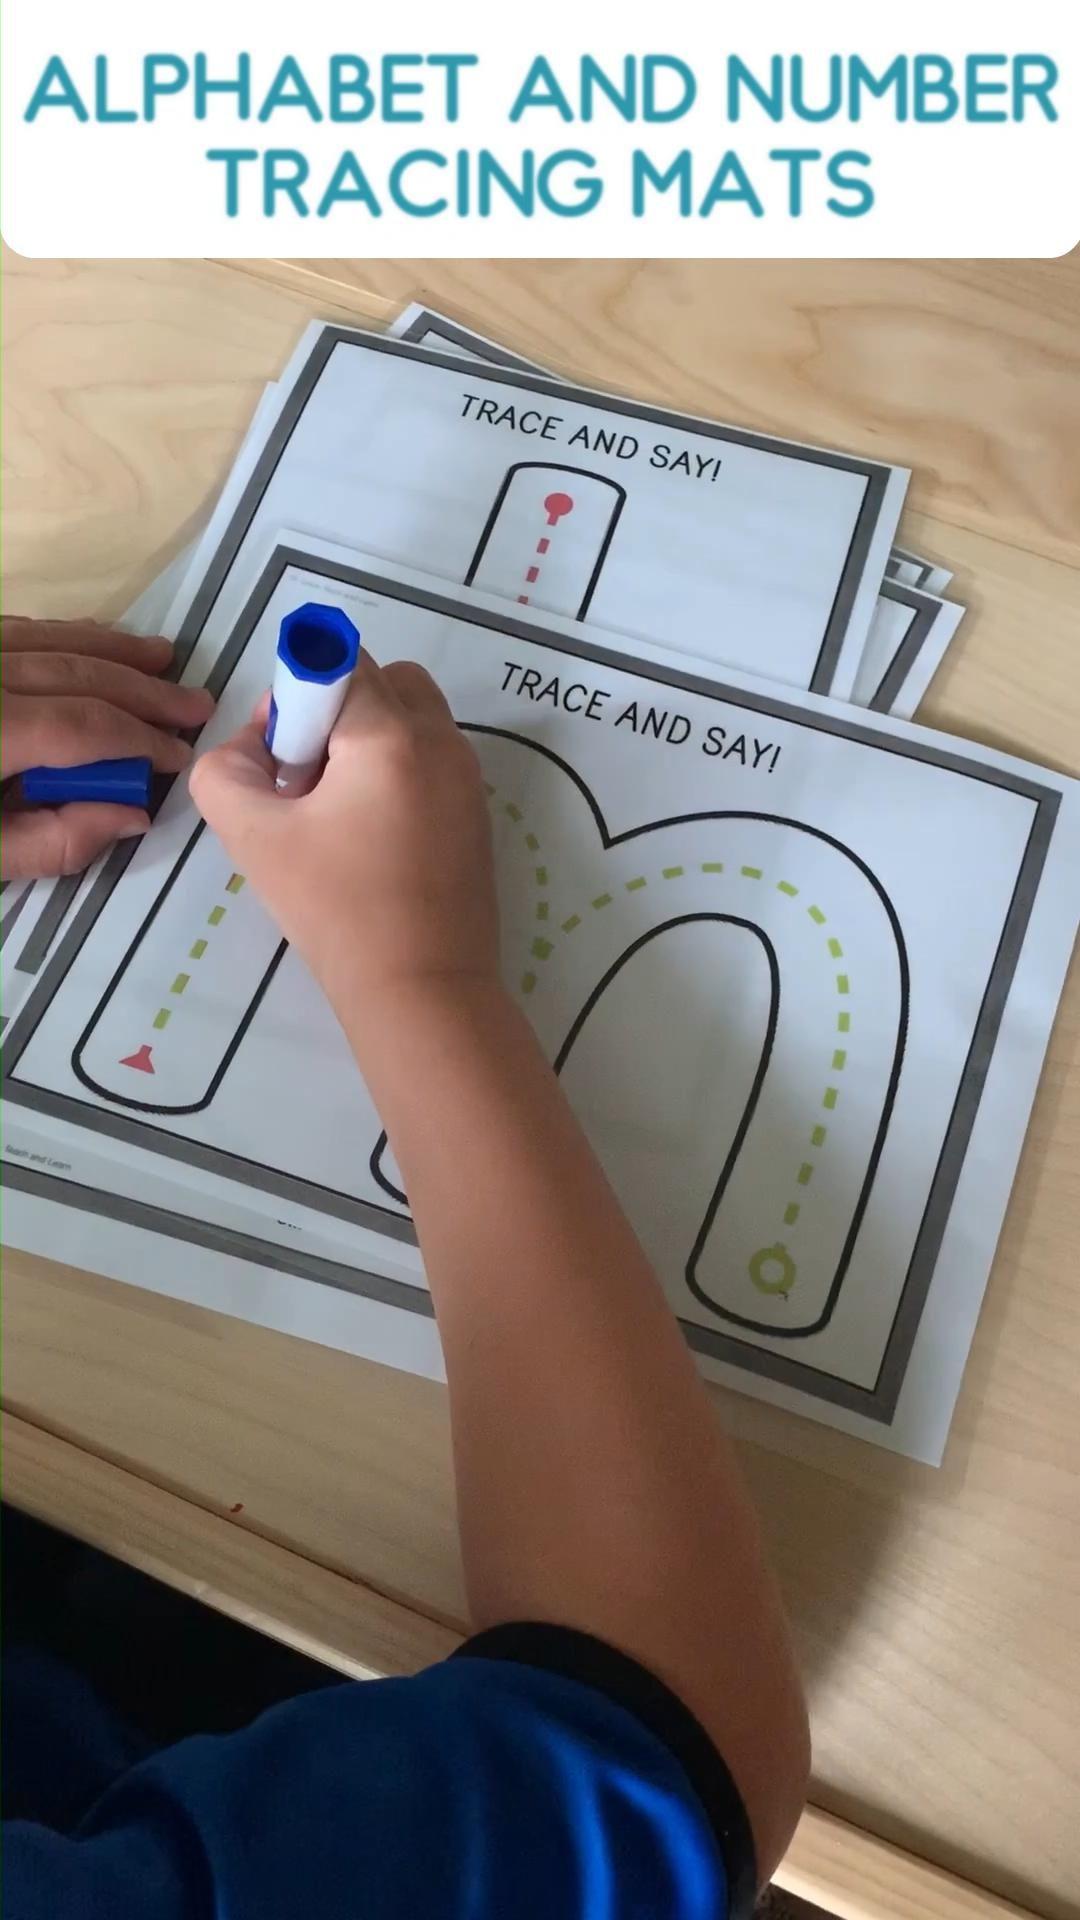 Alphabet & Number Tracing Mats For Preschool & Kindergarten